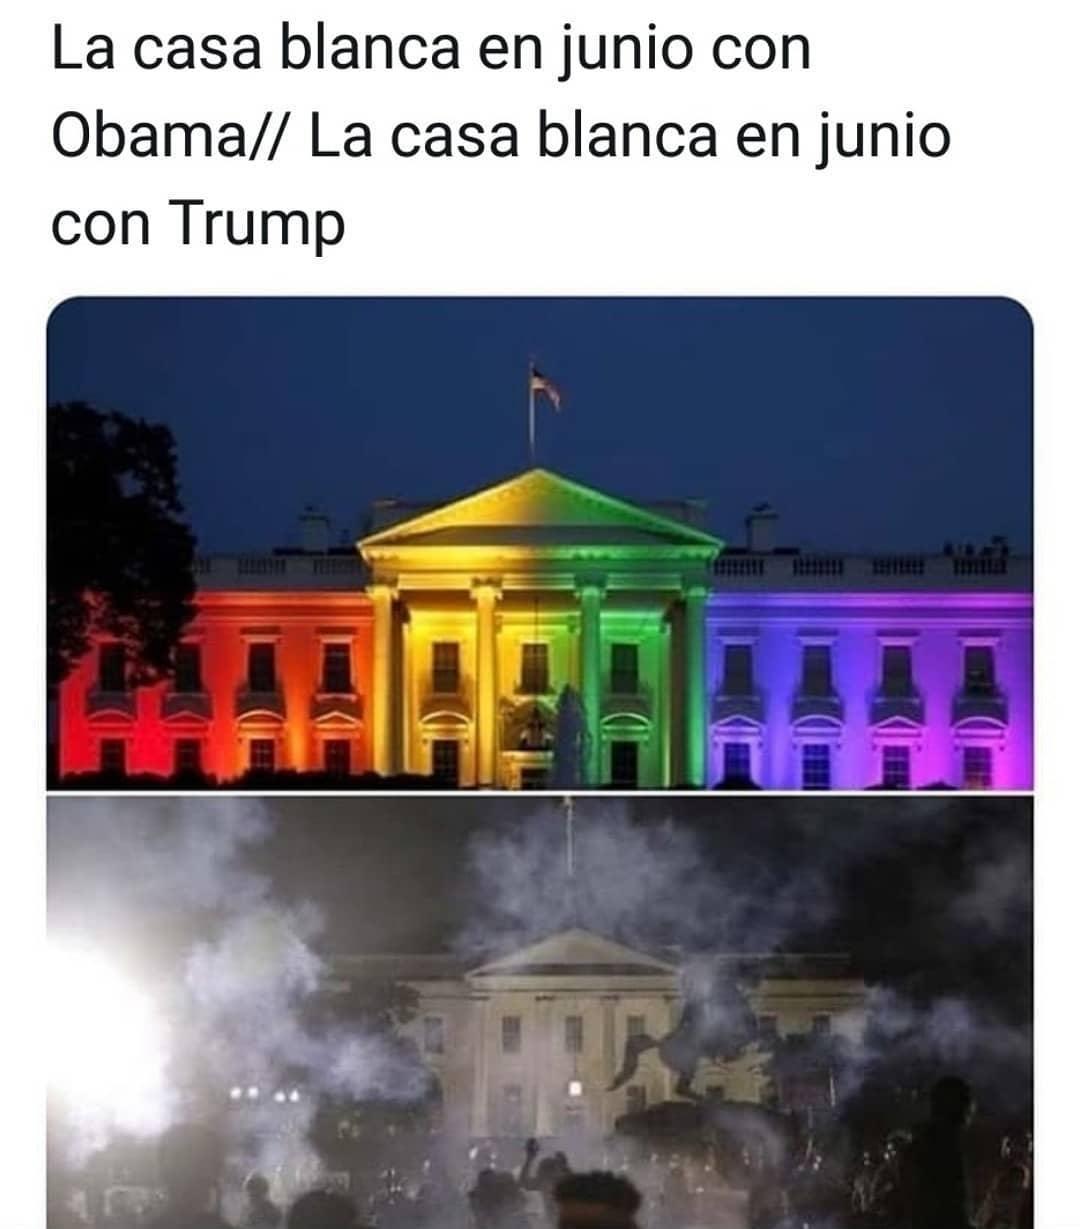 La casa blanca en junio con Obama.// La casa blanca en junio con Trump.